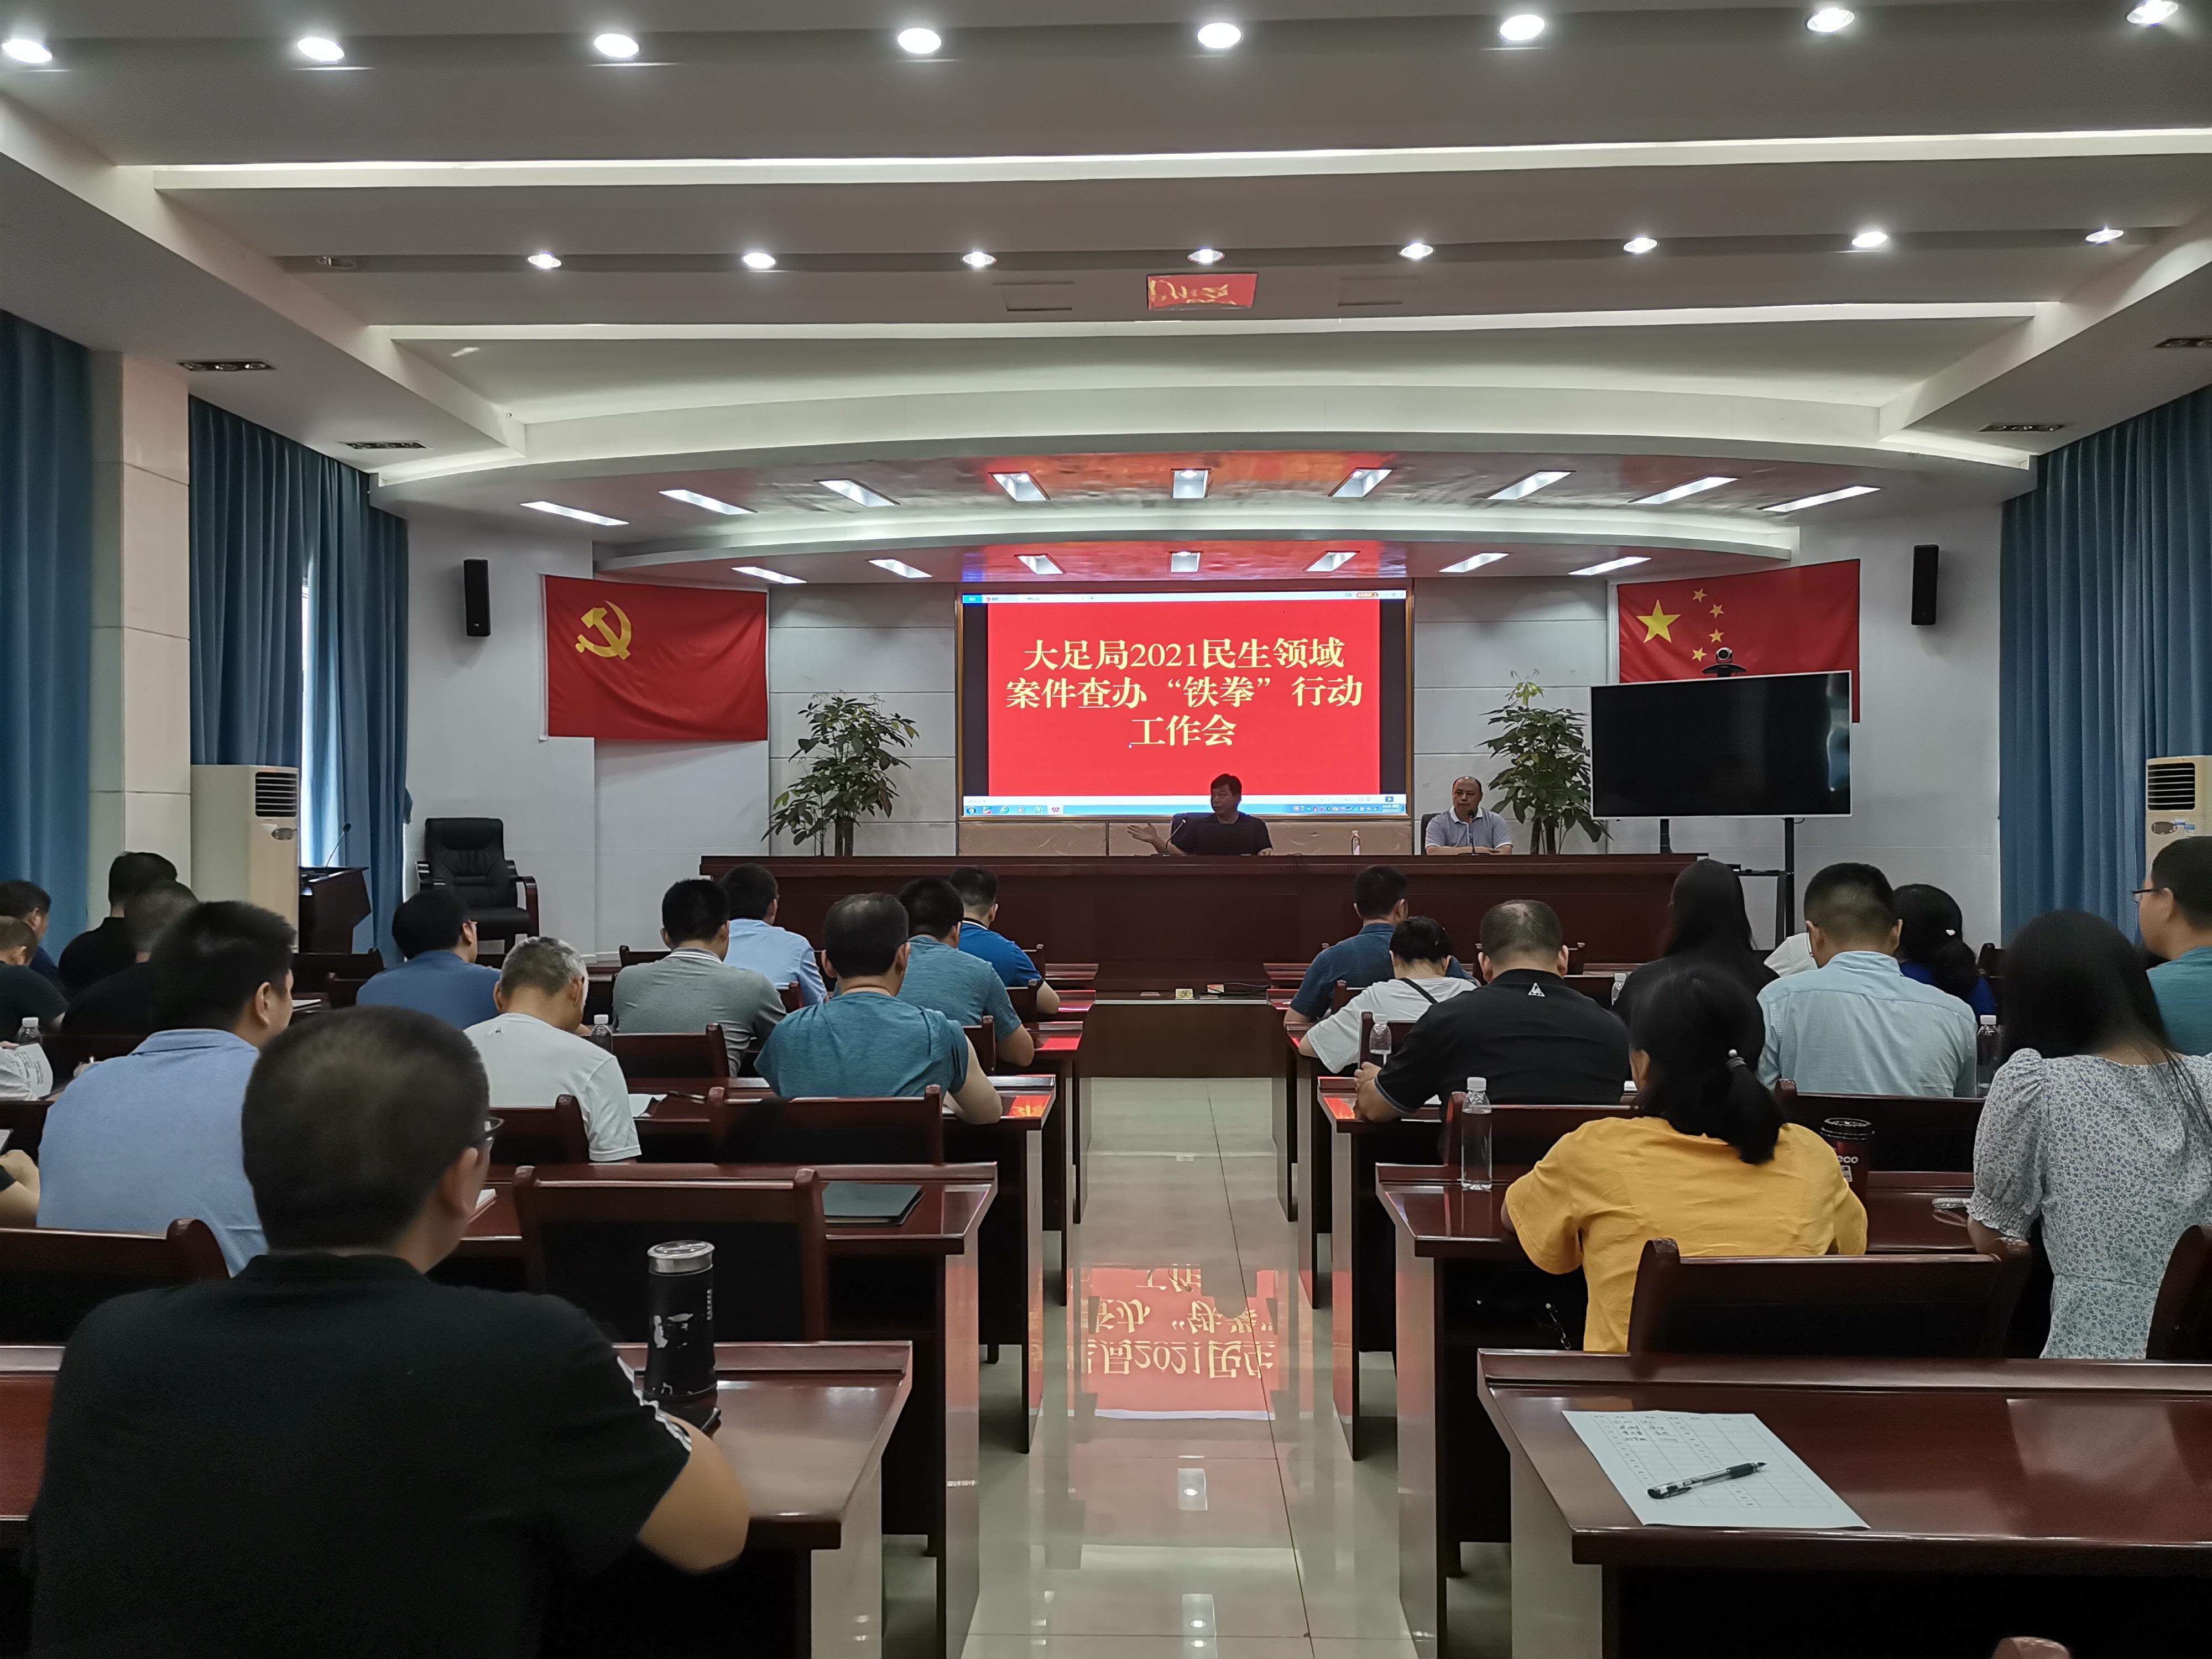 """大足区市场监管局七举措 扎实开展2021民生领域案件查办""""铁拳""""行动"""